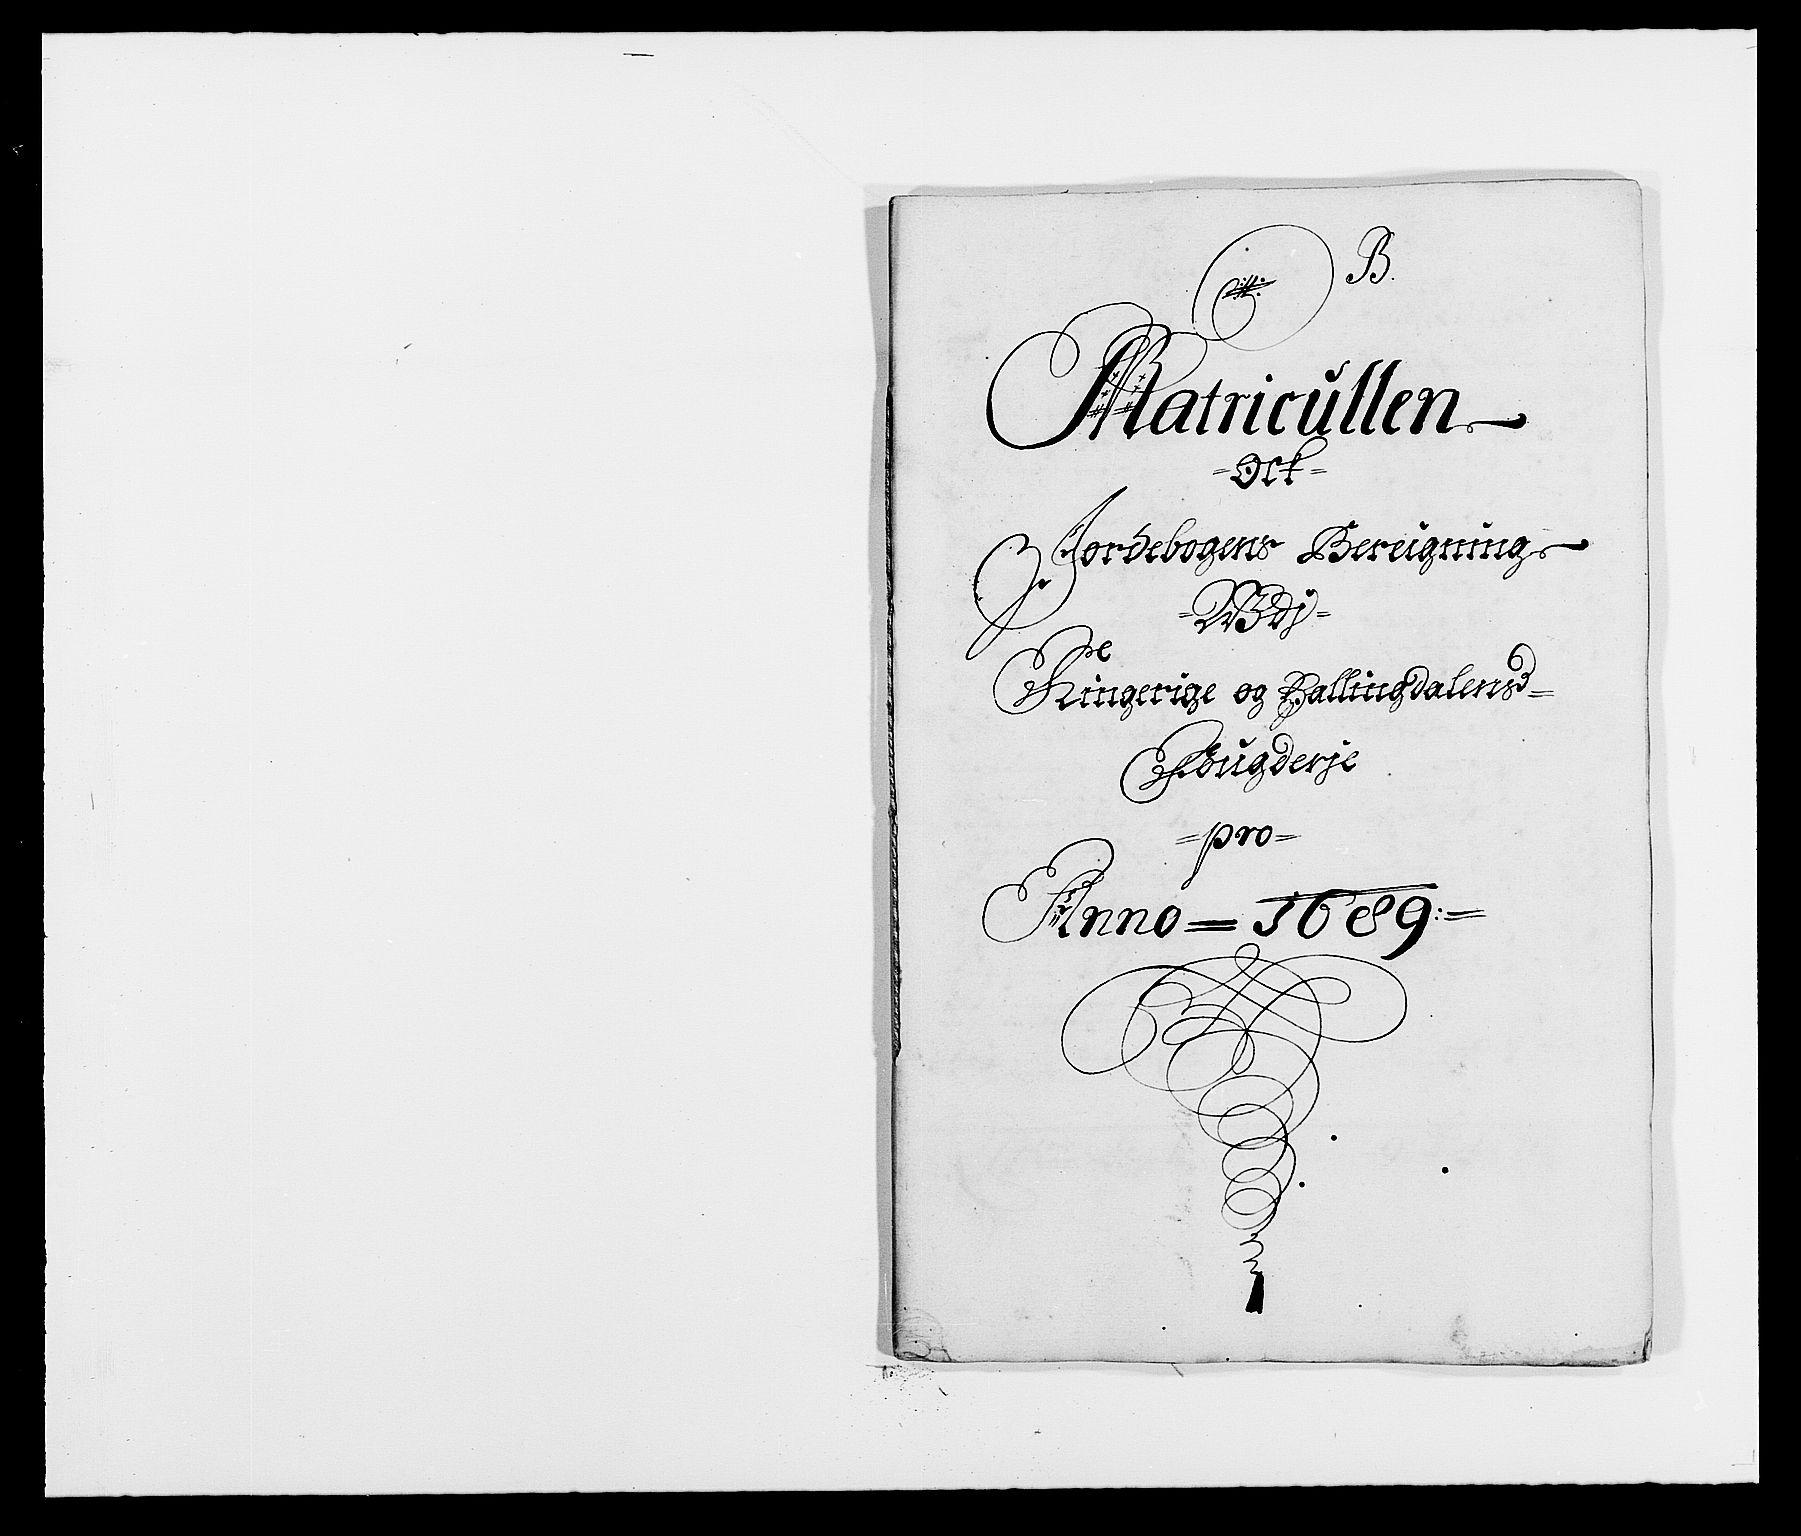 RA, Rentekammeret inntil 1814, Reviderte regnskaper, Fogderegnskap, R21/L1447: Fogderegnskap Ringerike og Hallingdal, 1687-1689, s. 272